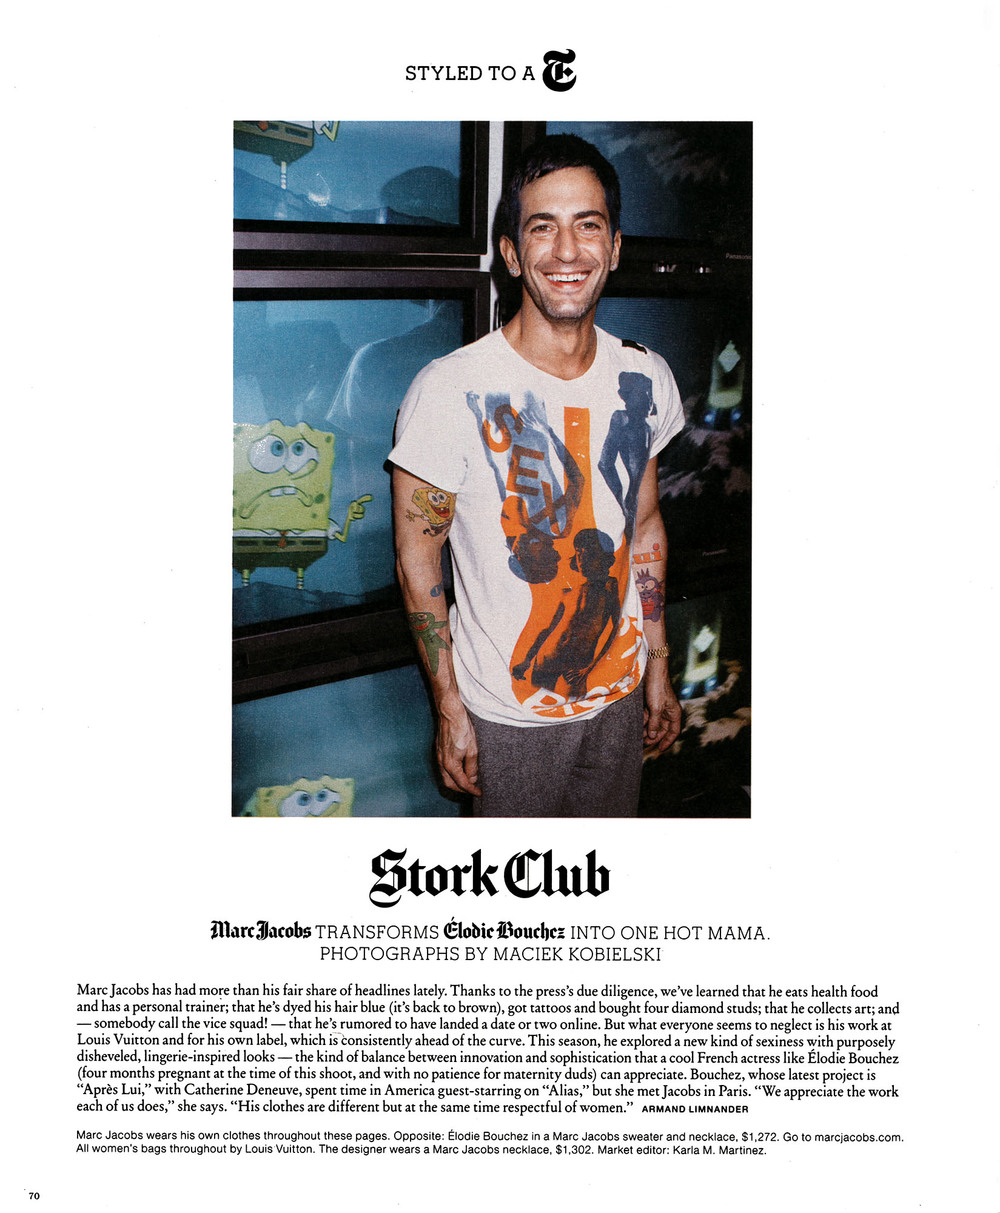 SC_EDITORIAL_NYMAG_STORKCLUB_09_2008_04 copy.jpg